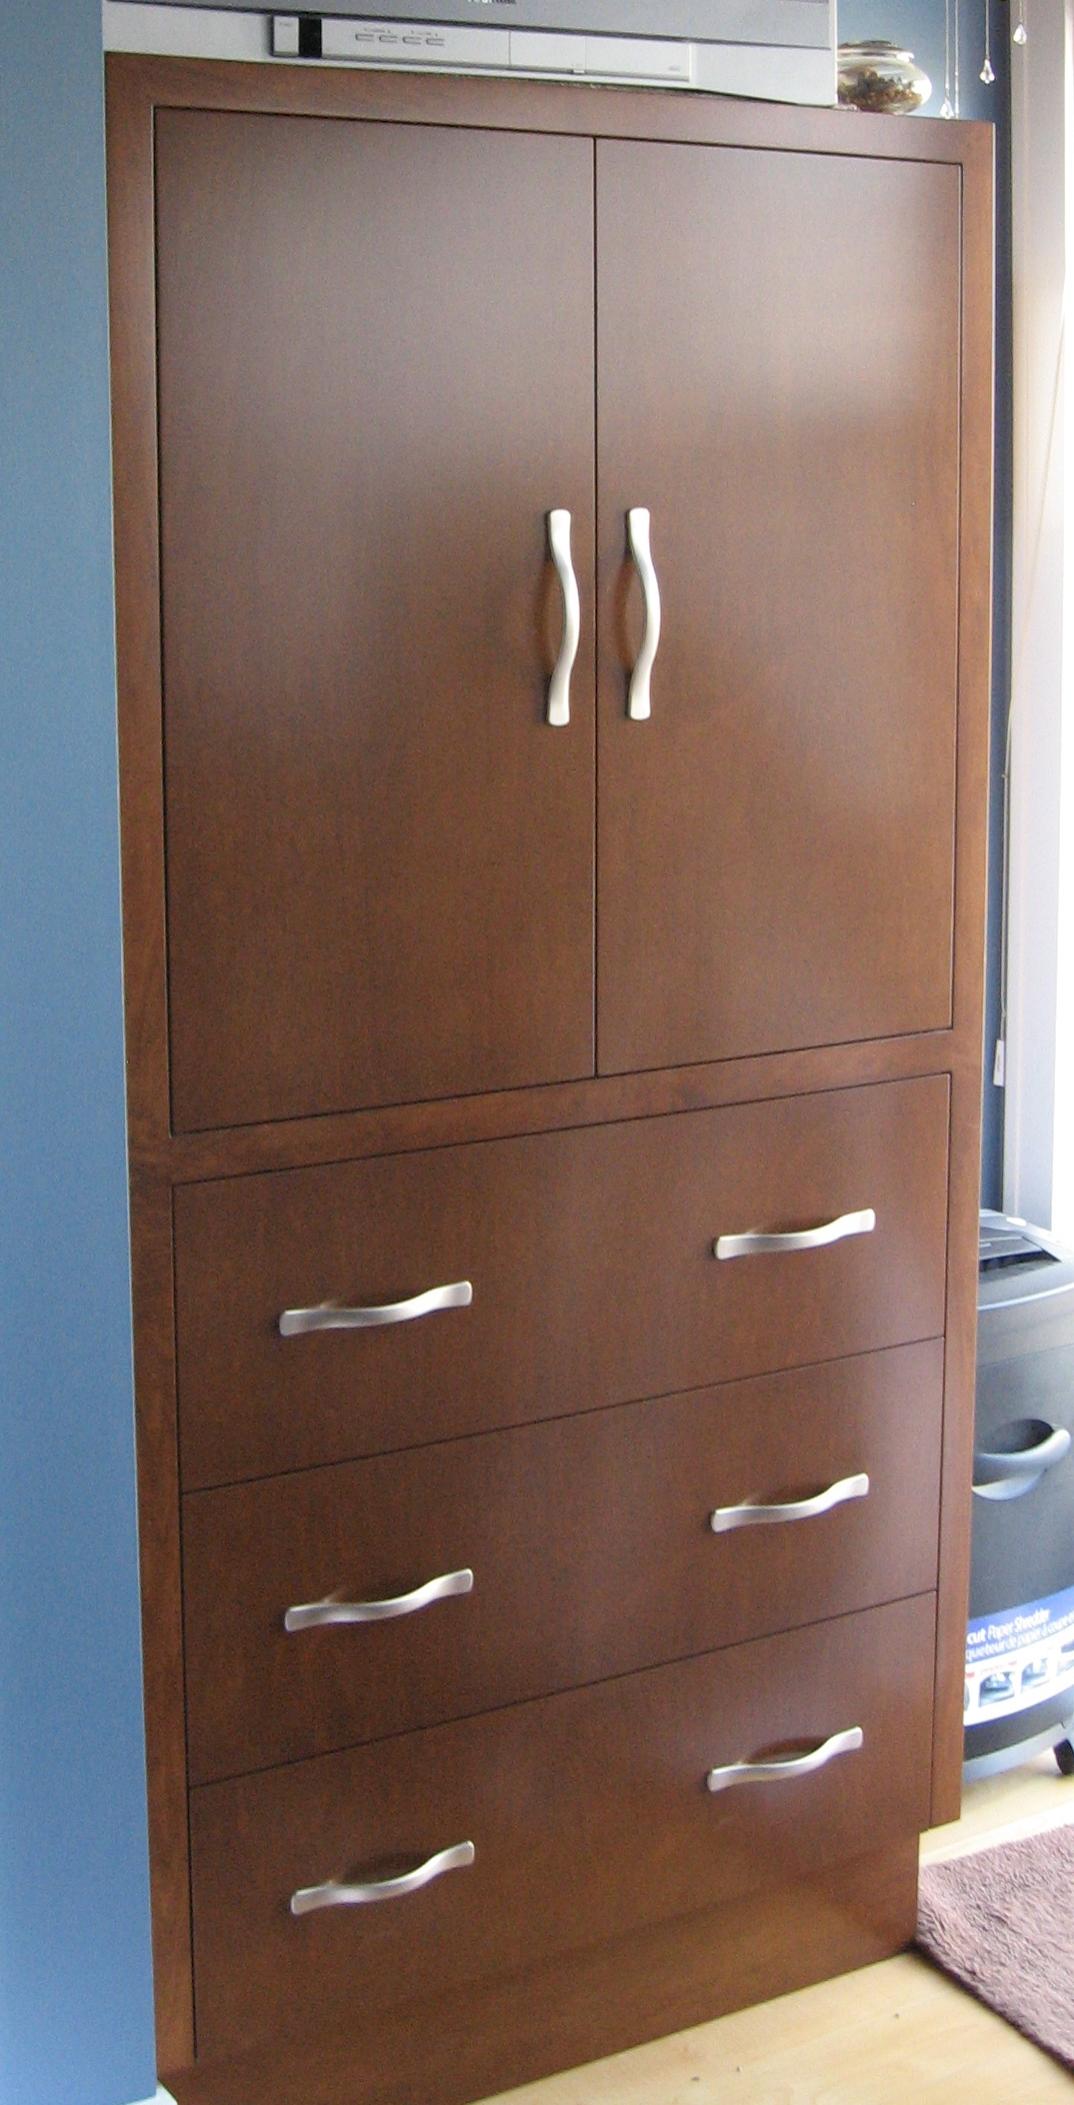 built-in-wood-bedroom-storage-cabinetry.JPG